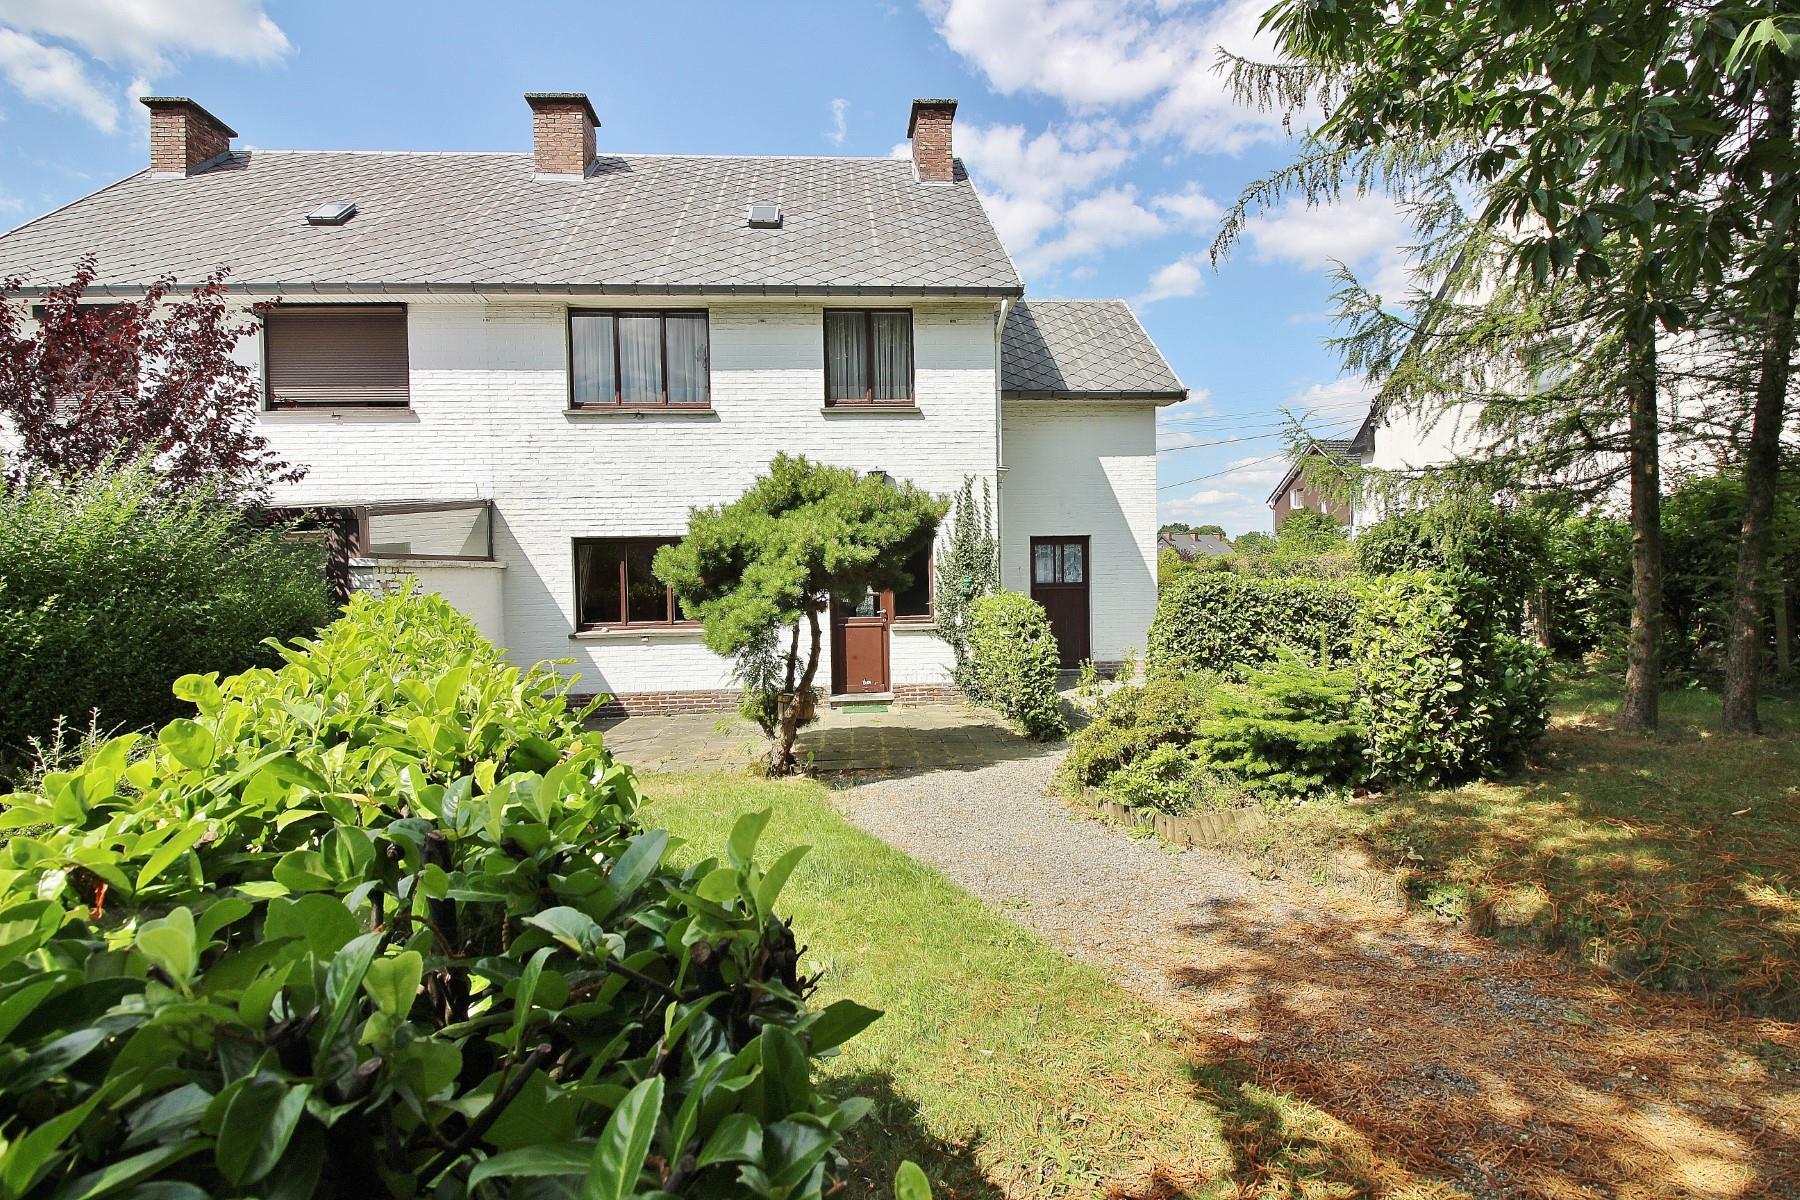 Maison - Liège Grivegnée - #3512436-1